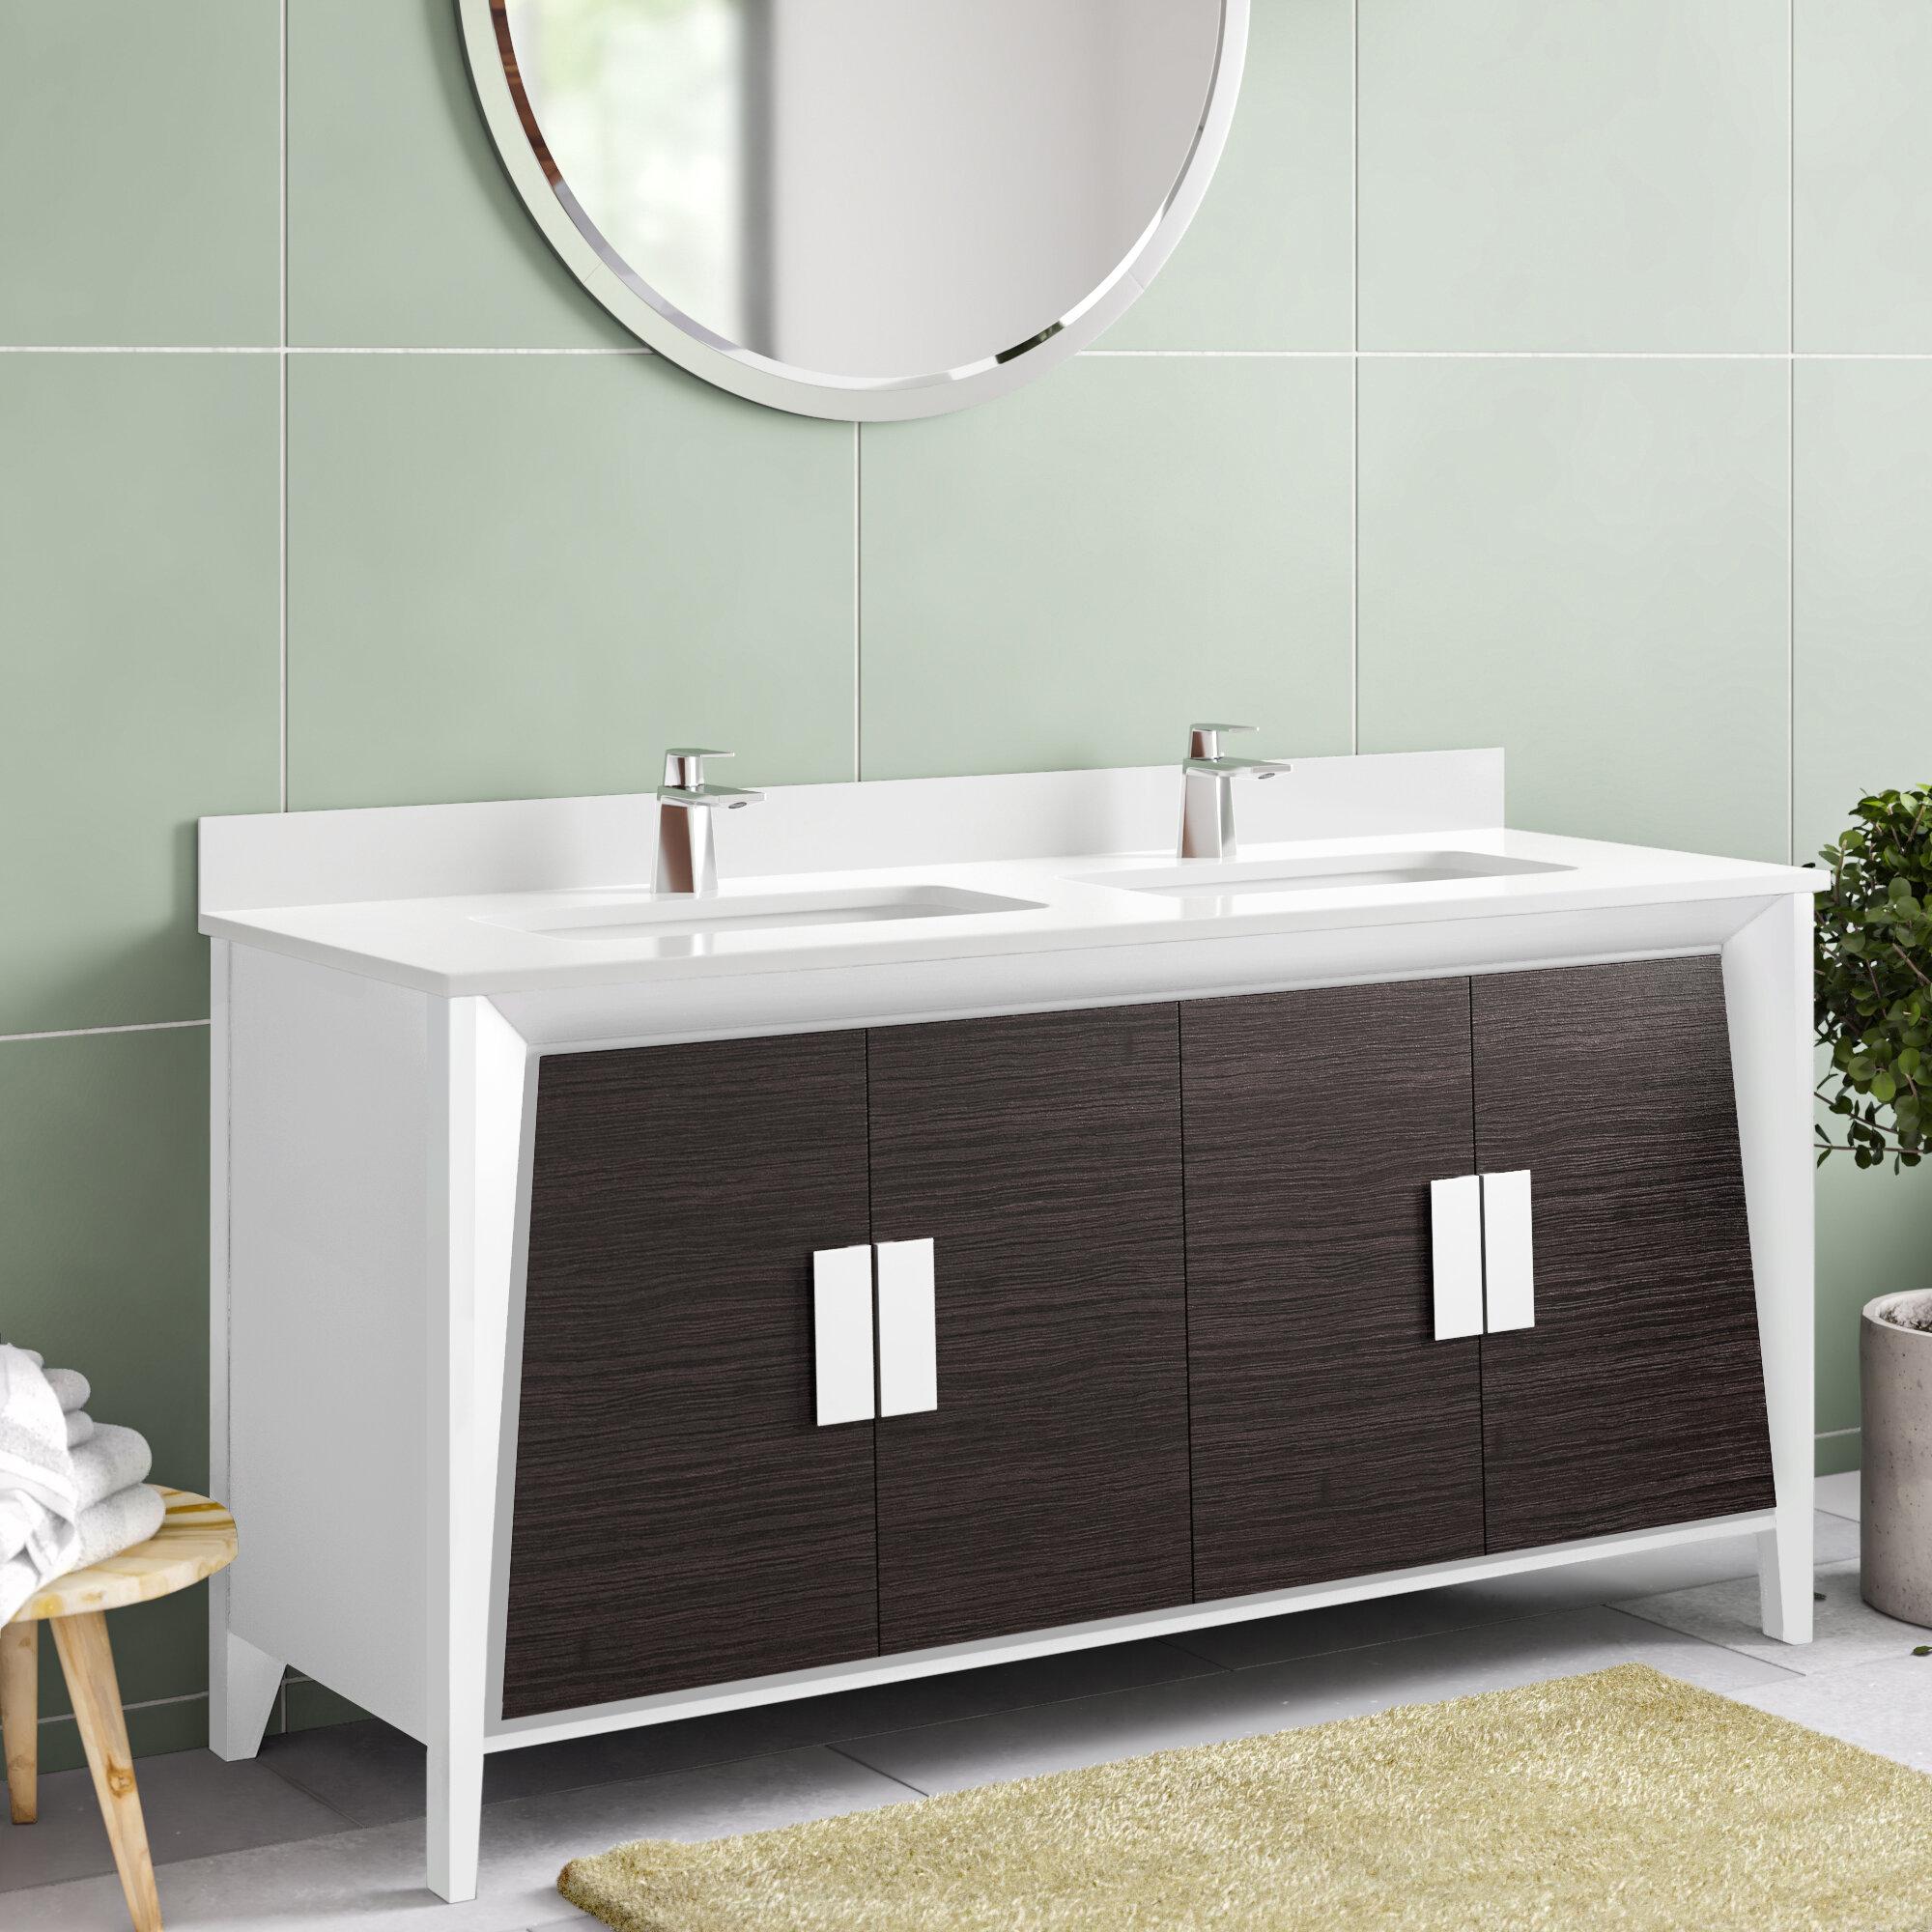 Mid Century Modern Bathroom Vanities You Ll Love In 2020 Wayfair